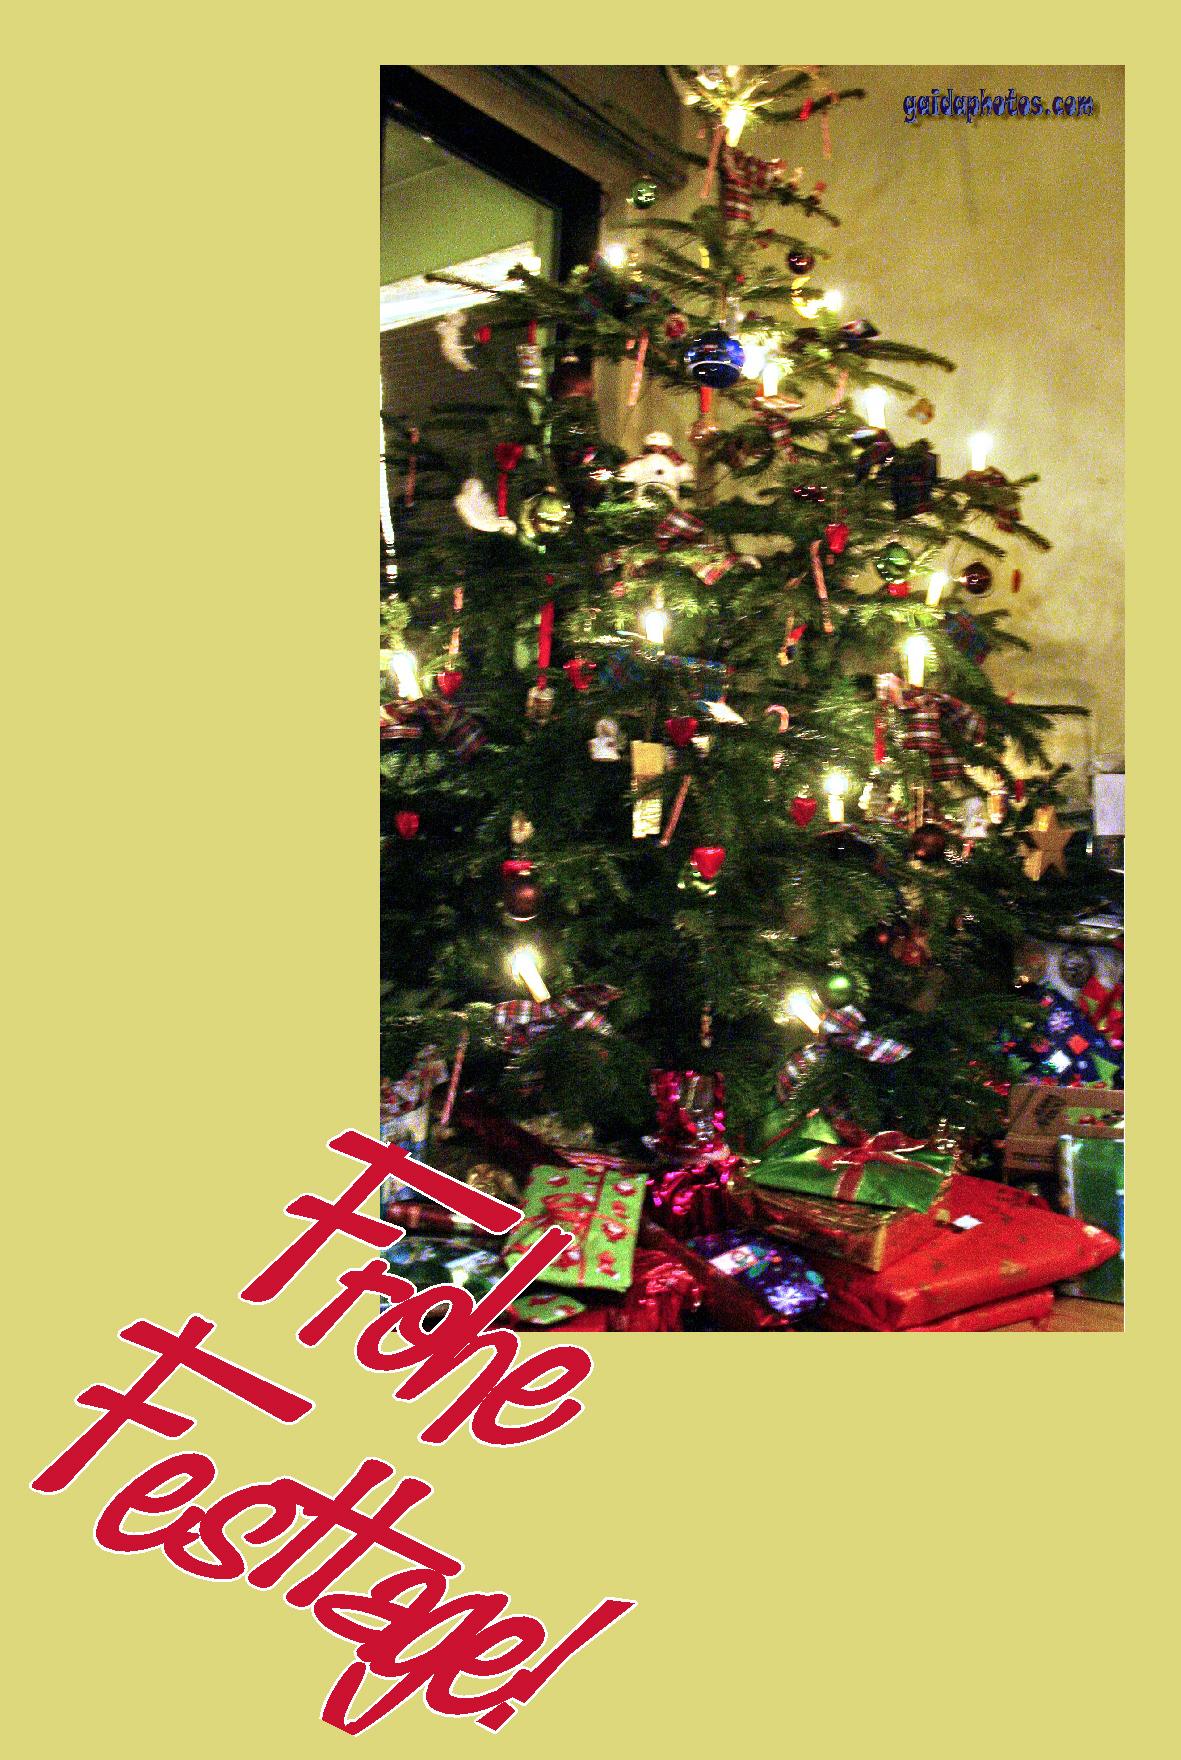 kostenlose weihnachtskarte mit weihnachtsbaum. Black Bedroom Furniture Sets. Home Design Ideas